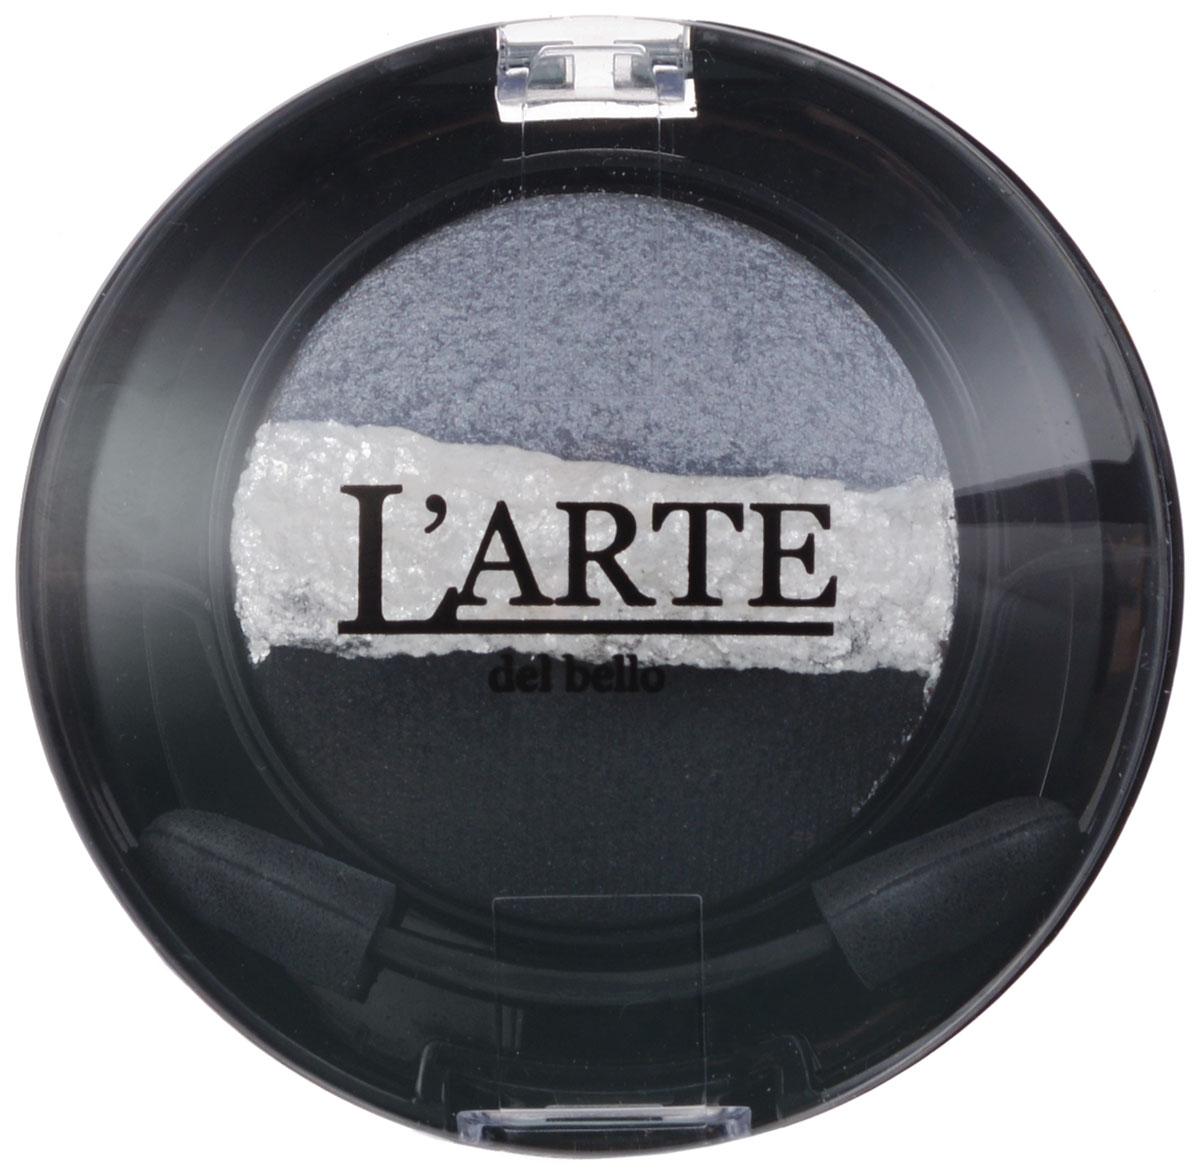 Larte del bello Тени для век Glamorous Trio, запеченные, тон 04 Тишина, 3 цвета, 2 г0304При изготовлении теней от Larte del bello Glamorous Trio использовалась особая производственная технология - запекание. Она позволяет получить дополнительный блеск и сияние. Тени на час помещают в специальную печь, разогретую до 65 градусов по Цельсию. Благодаря нагреванию тени приобретают особые свойства - это особенно заметно при нанесении влажным способом. Нанесенные влажным аппликатором, они образуют плотное, выразительное, сияющее и гладкое покрытие. Плотность нанесения можно варьировать, получая оттенок любой насыщенности. Тени держатся весь день, не скатываются в складочках века. Формула обогащена Витамином Е. Без парабенов. Товар сертифицирован.